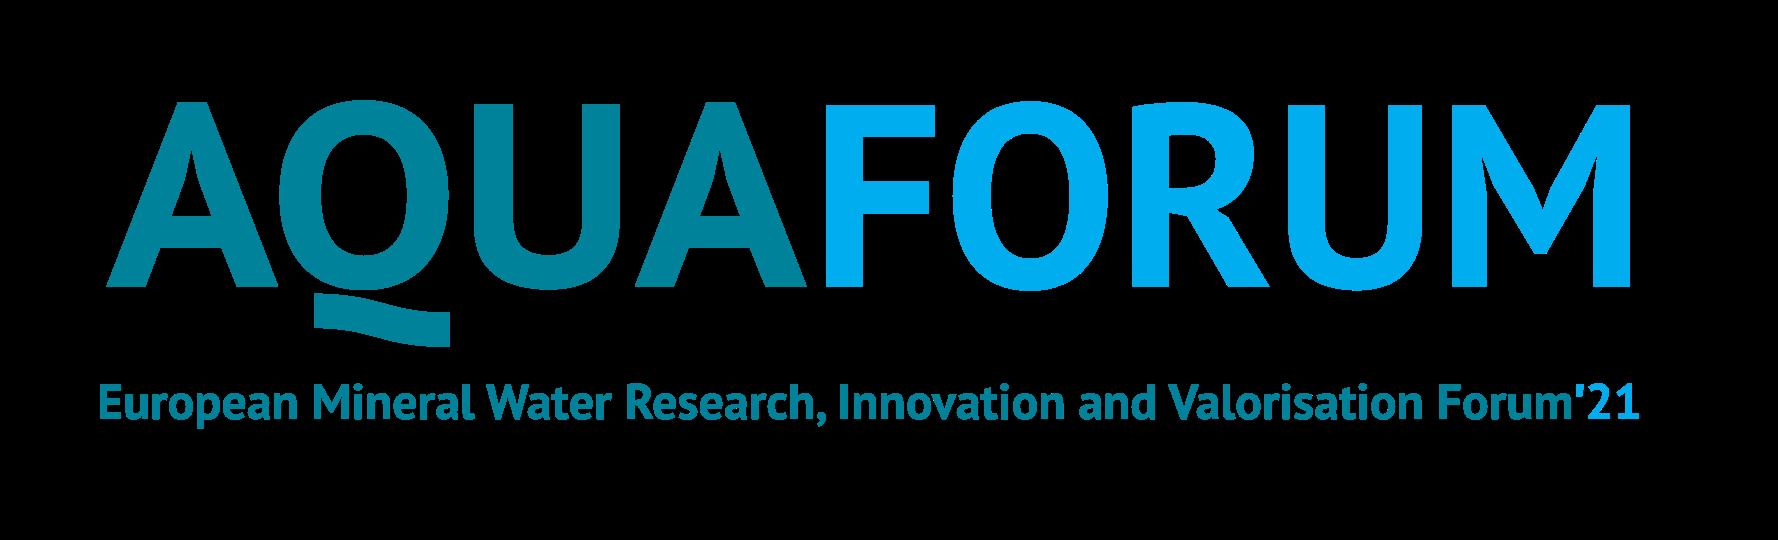 Logo do aquaforum